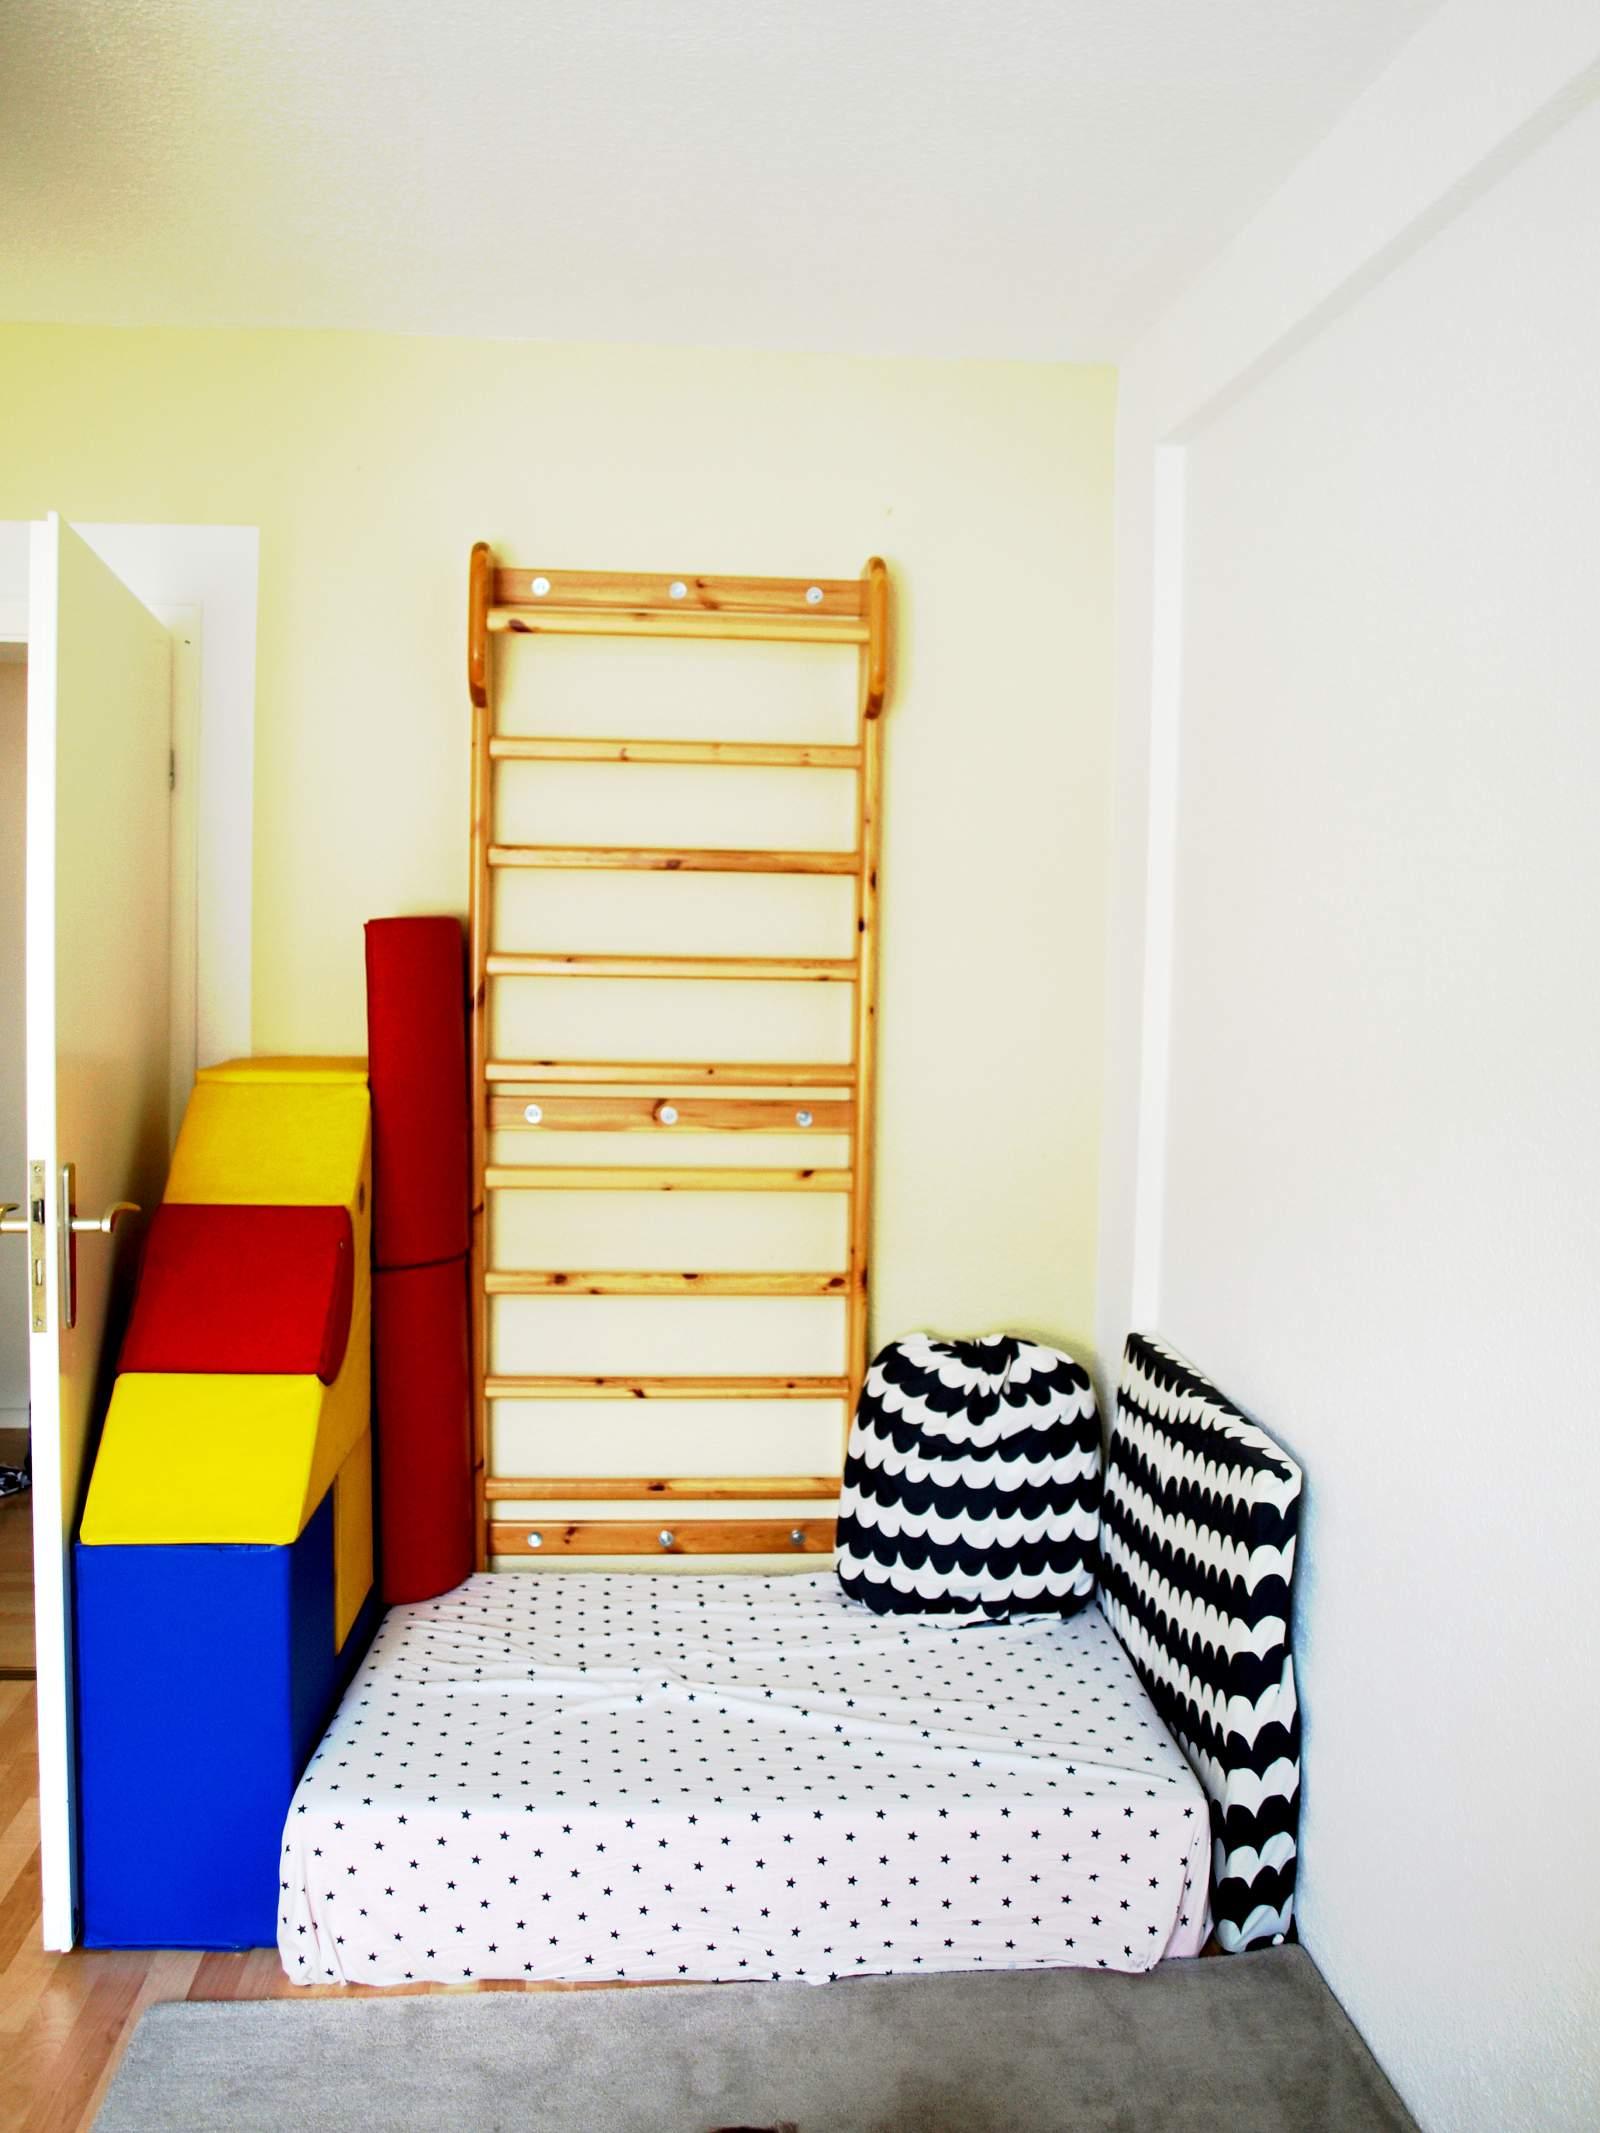 Michels Kinderzimmer Mit 24 Monaten Montiminis